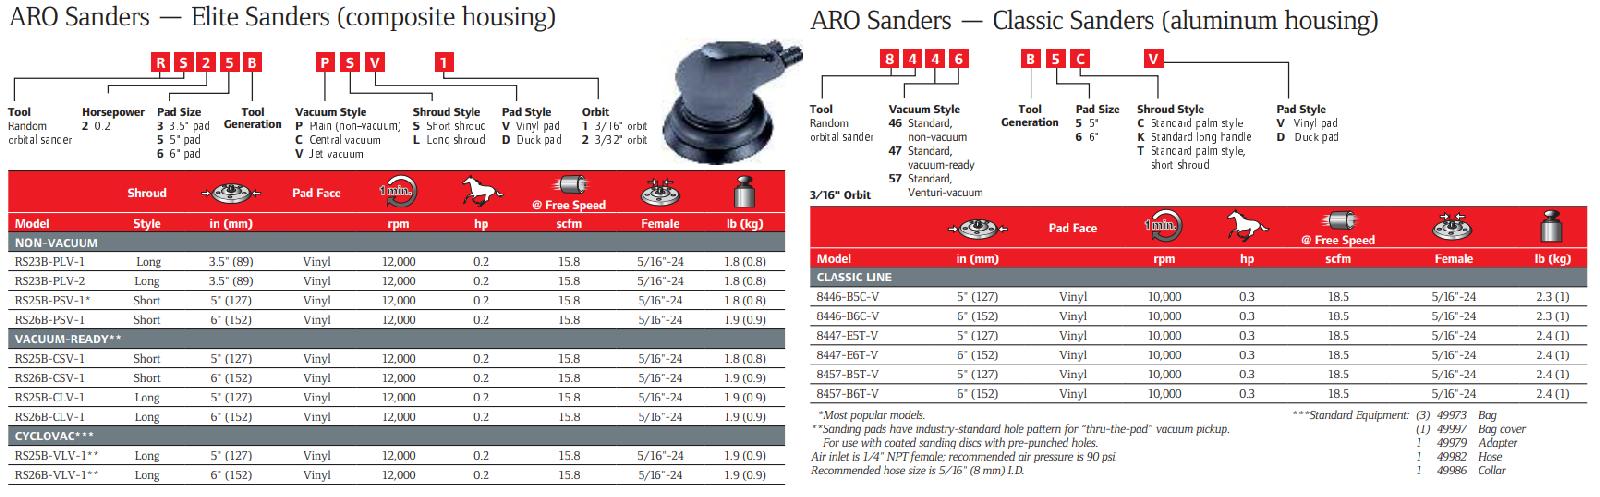 aro-sanders-1.png